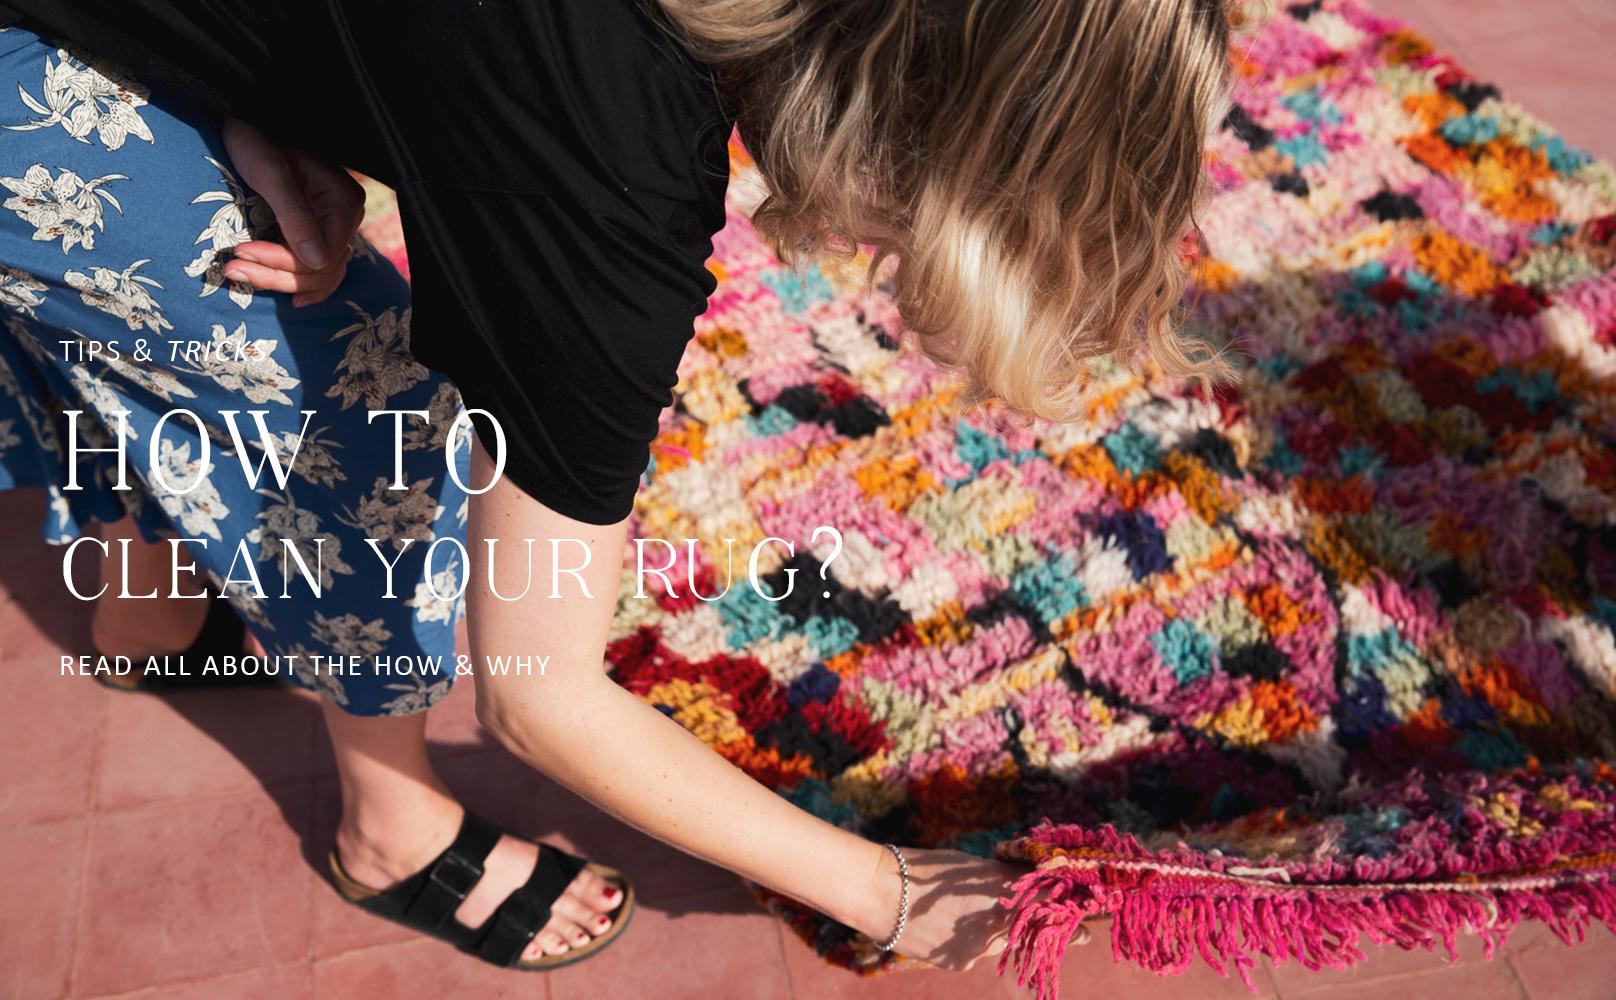 Vloerkleed reinigen - tips en tricks voor jouw mooie Marokkaanse vloerkleed